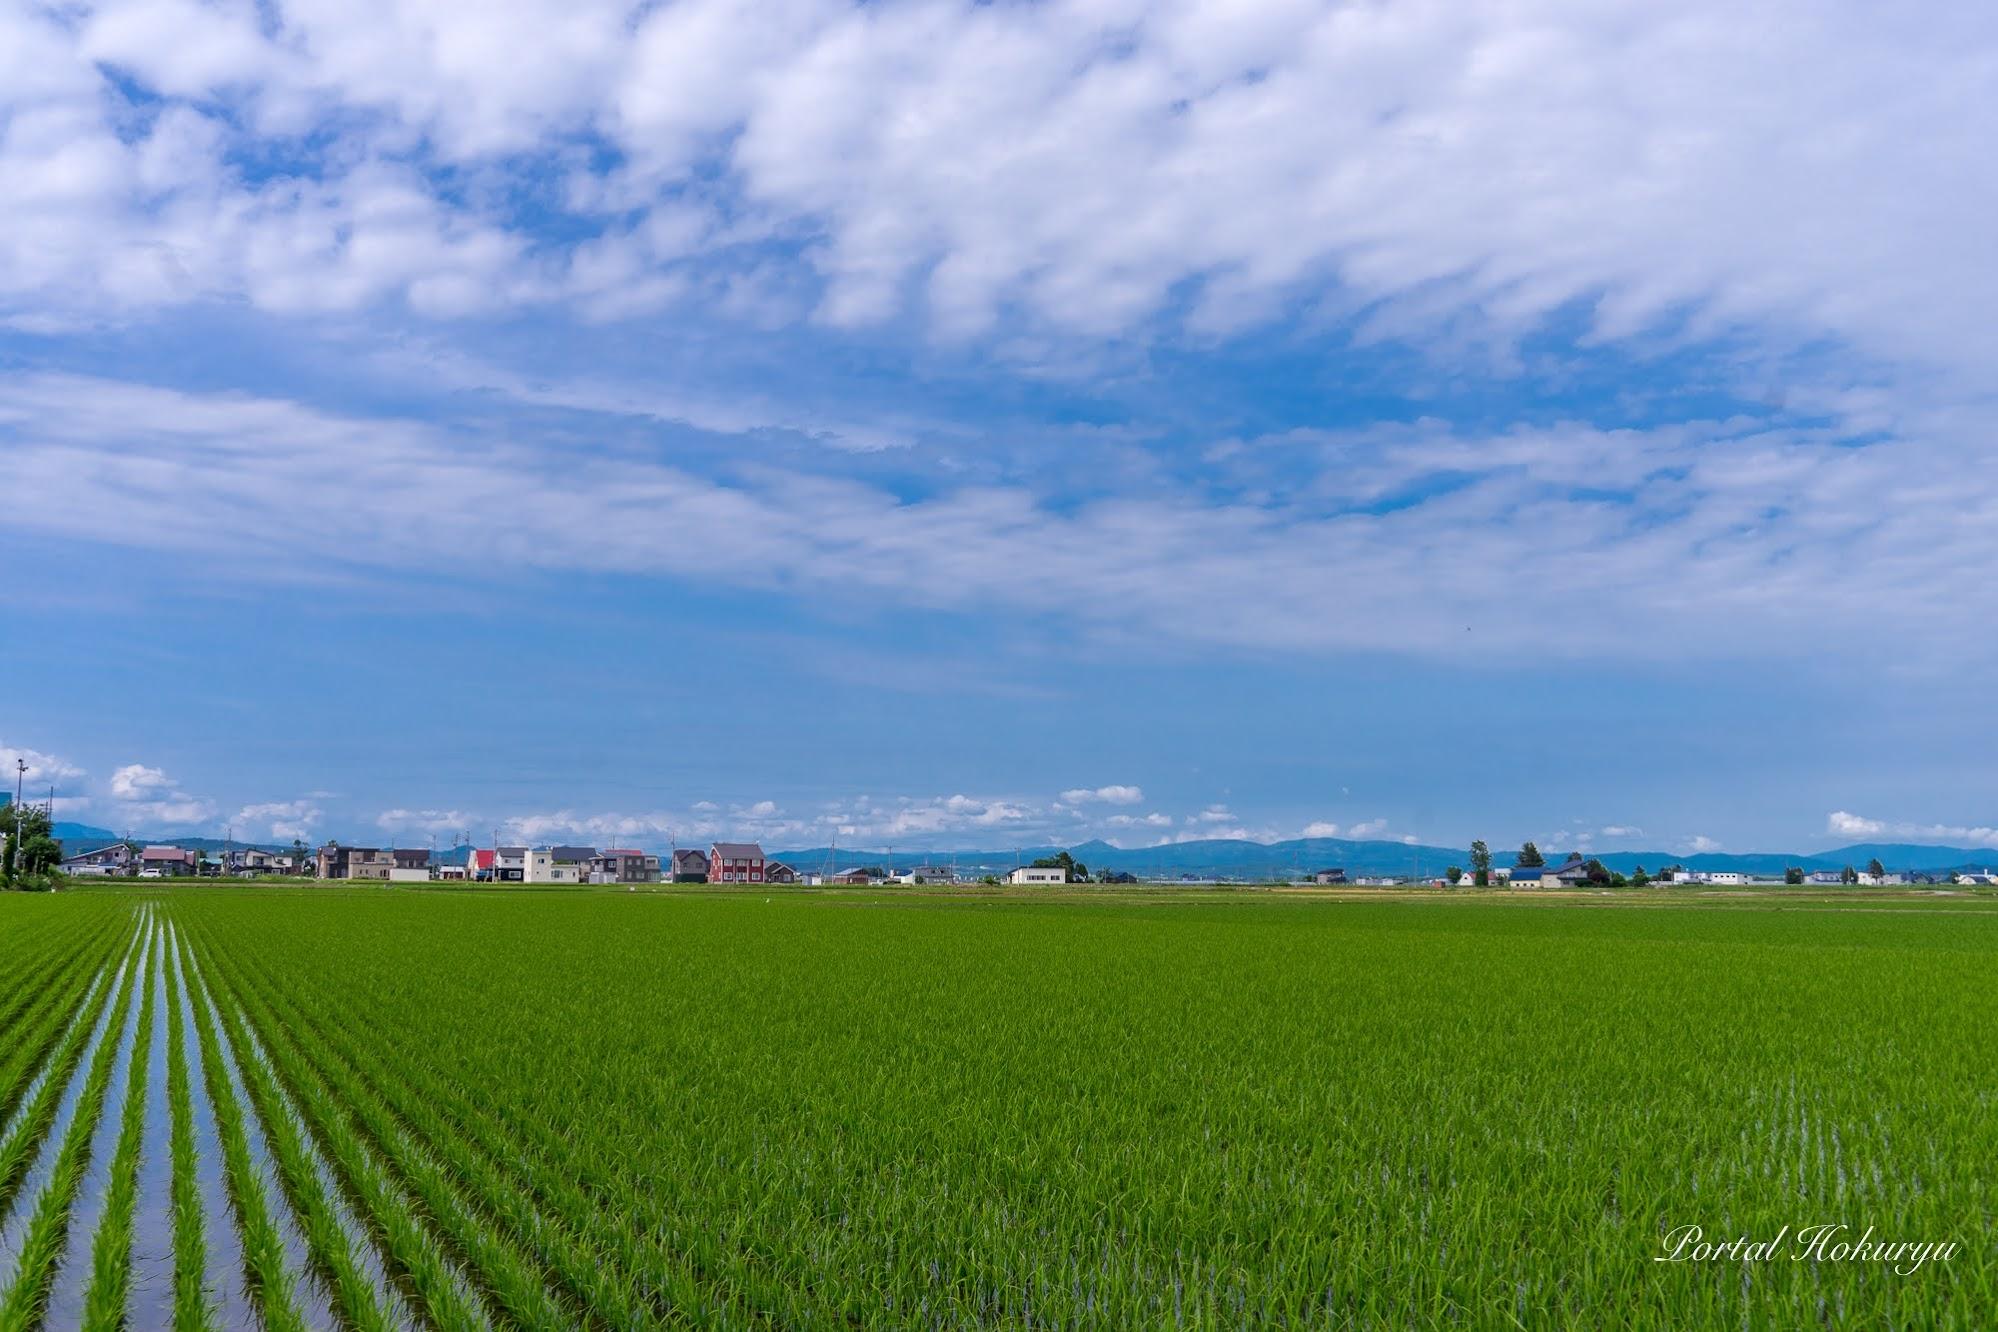 緑の絨毯広がる水田